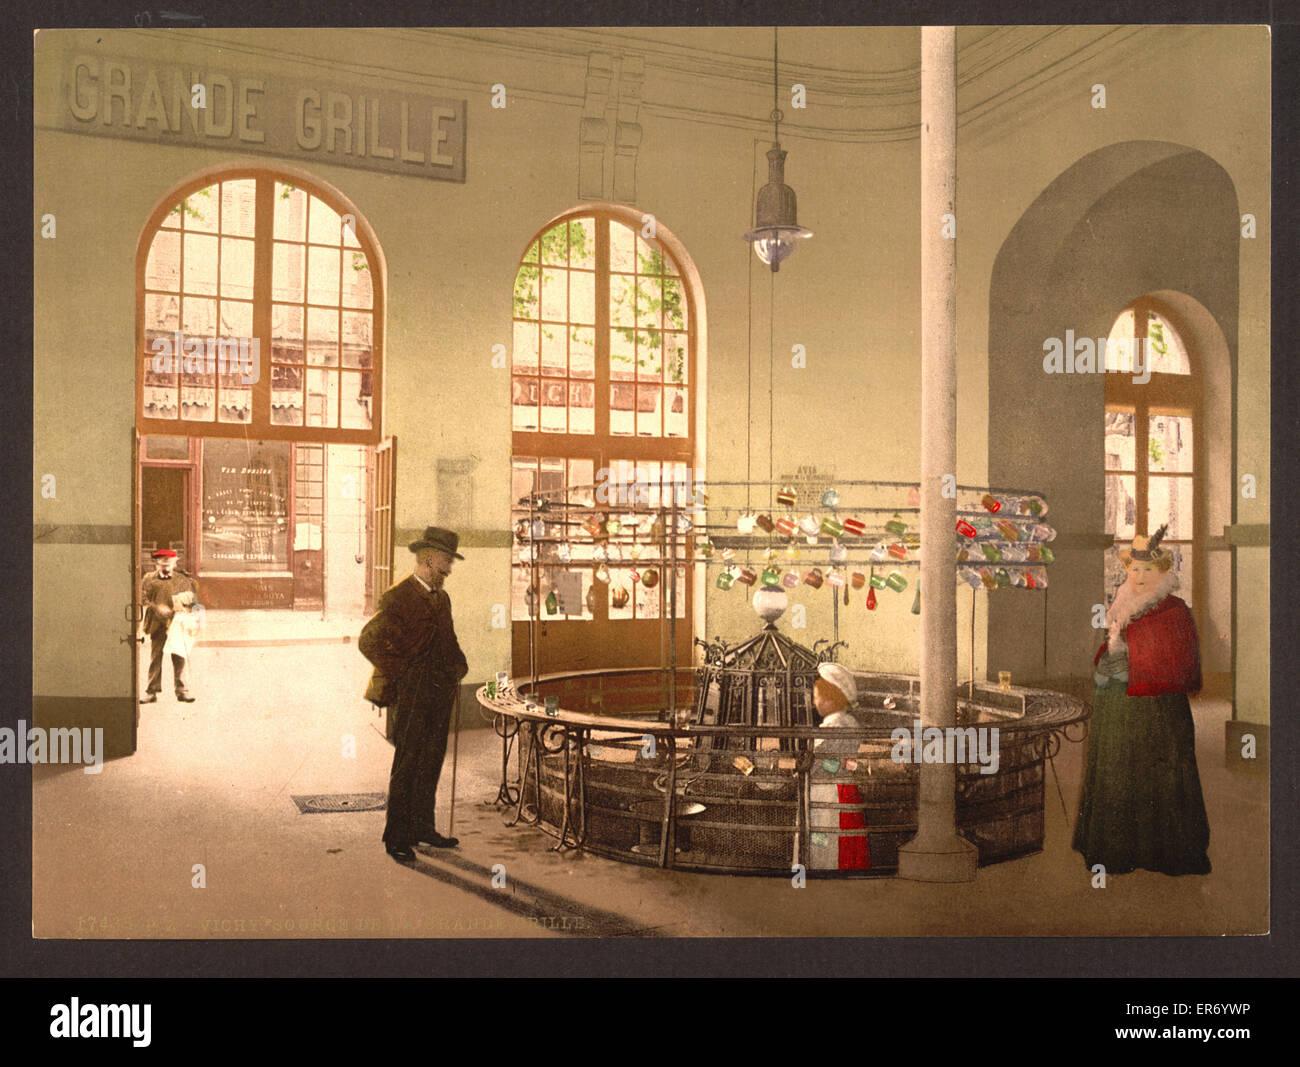 Quelle De La Grande Grille, (Getränk Hall), Vichy, Frankreich. Bis ...